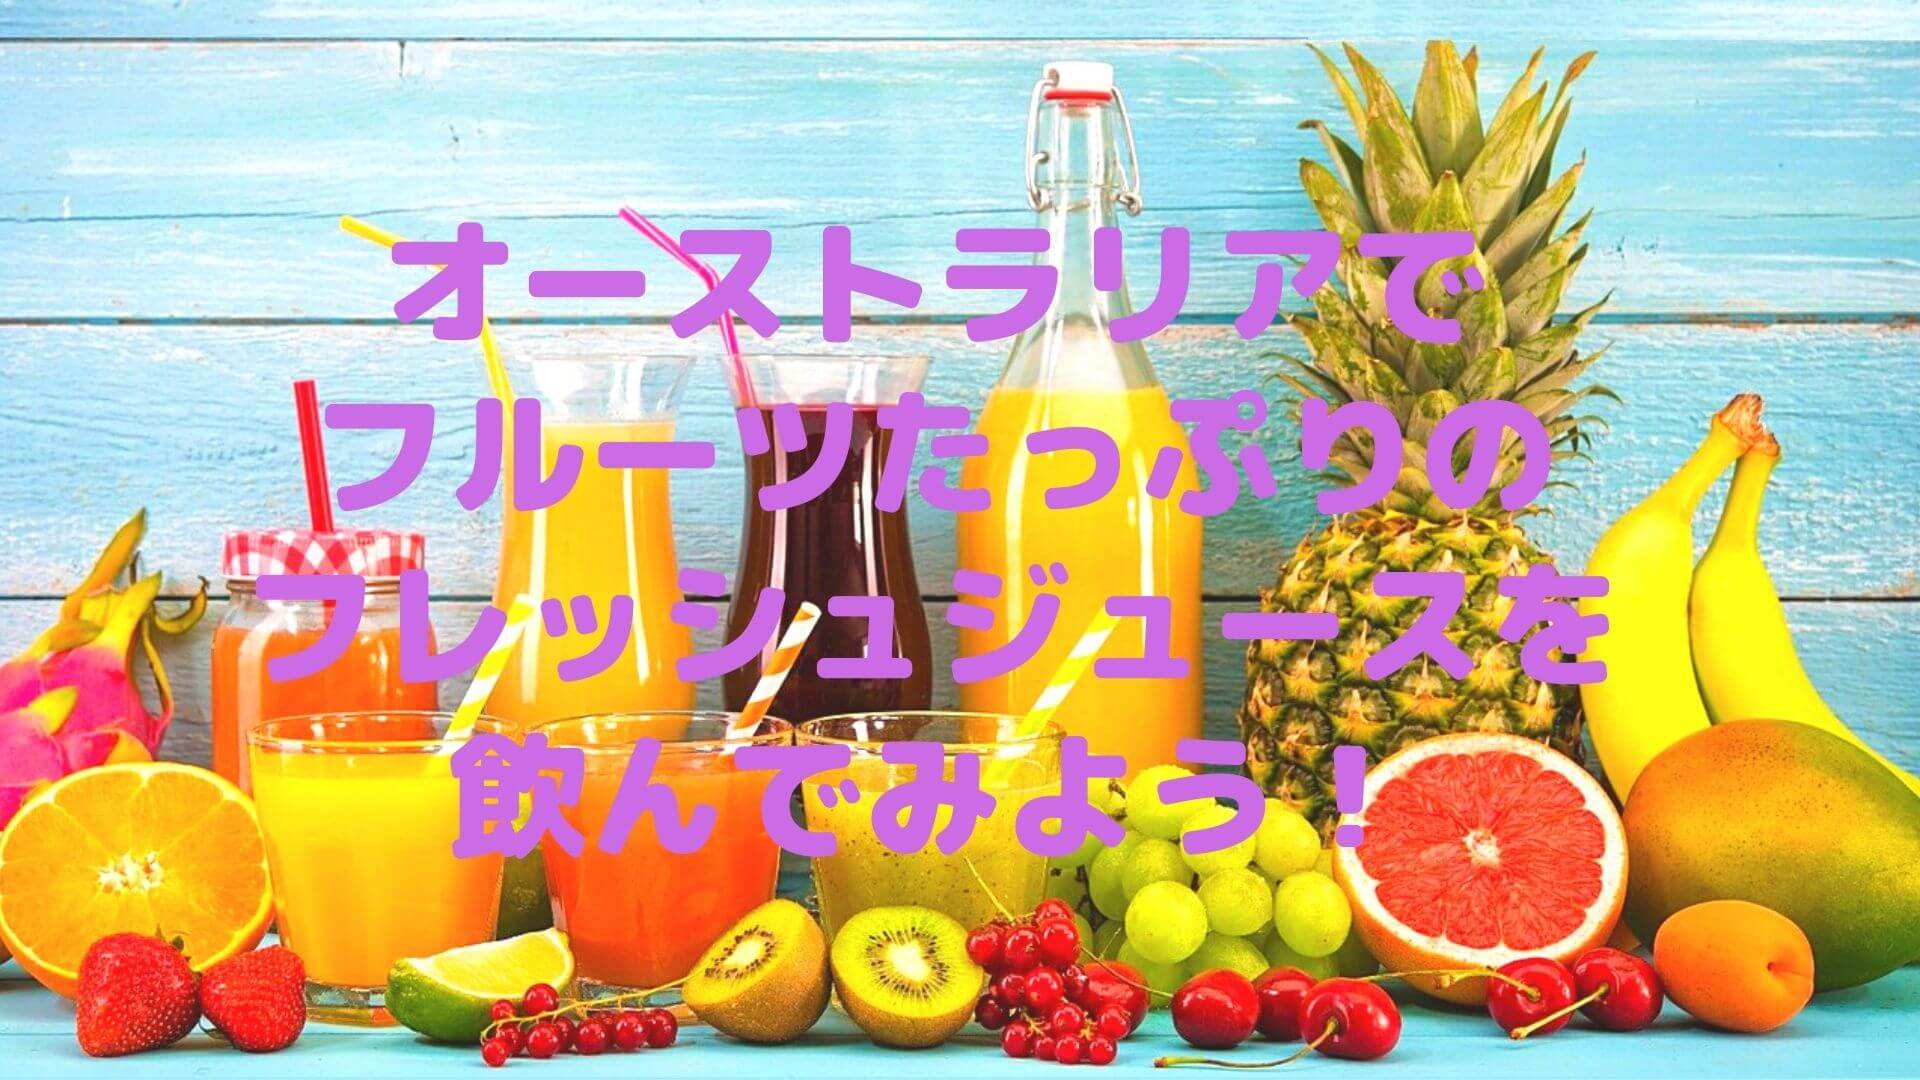 フルーツとジュースがたくさん並ぶ様子